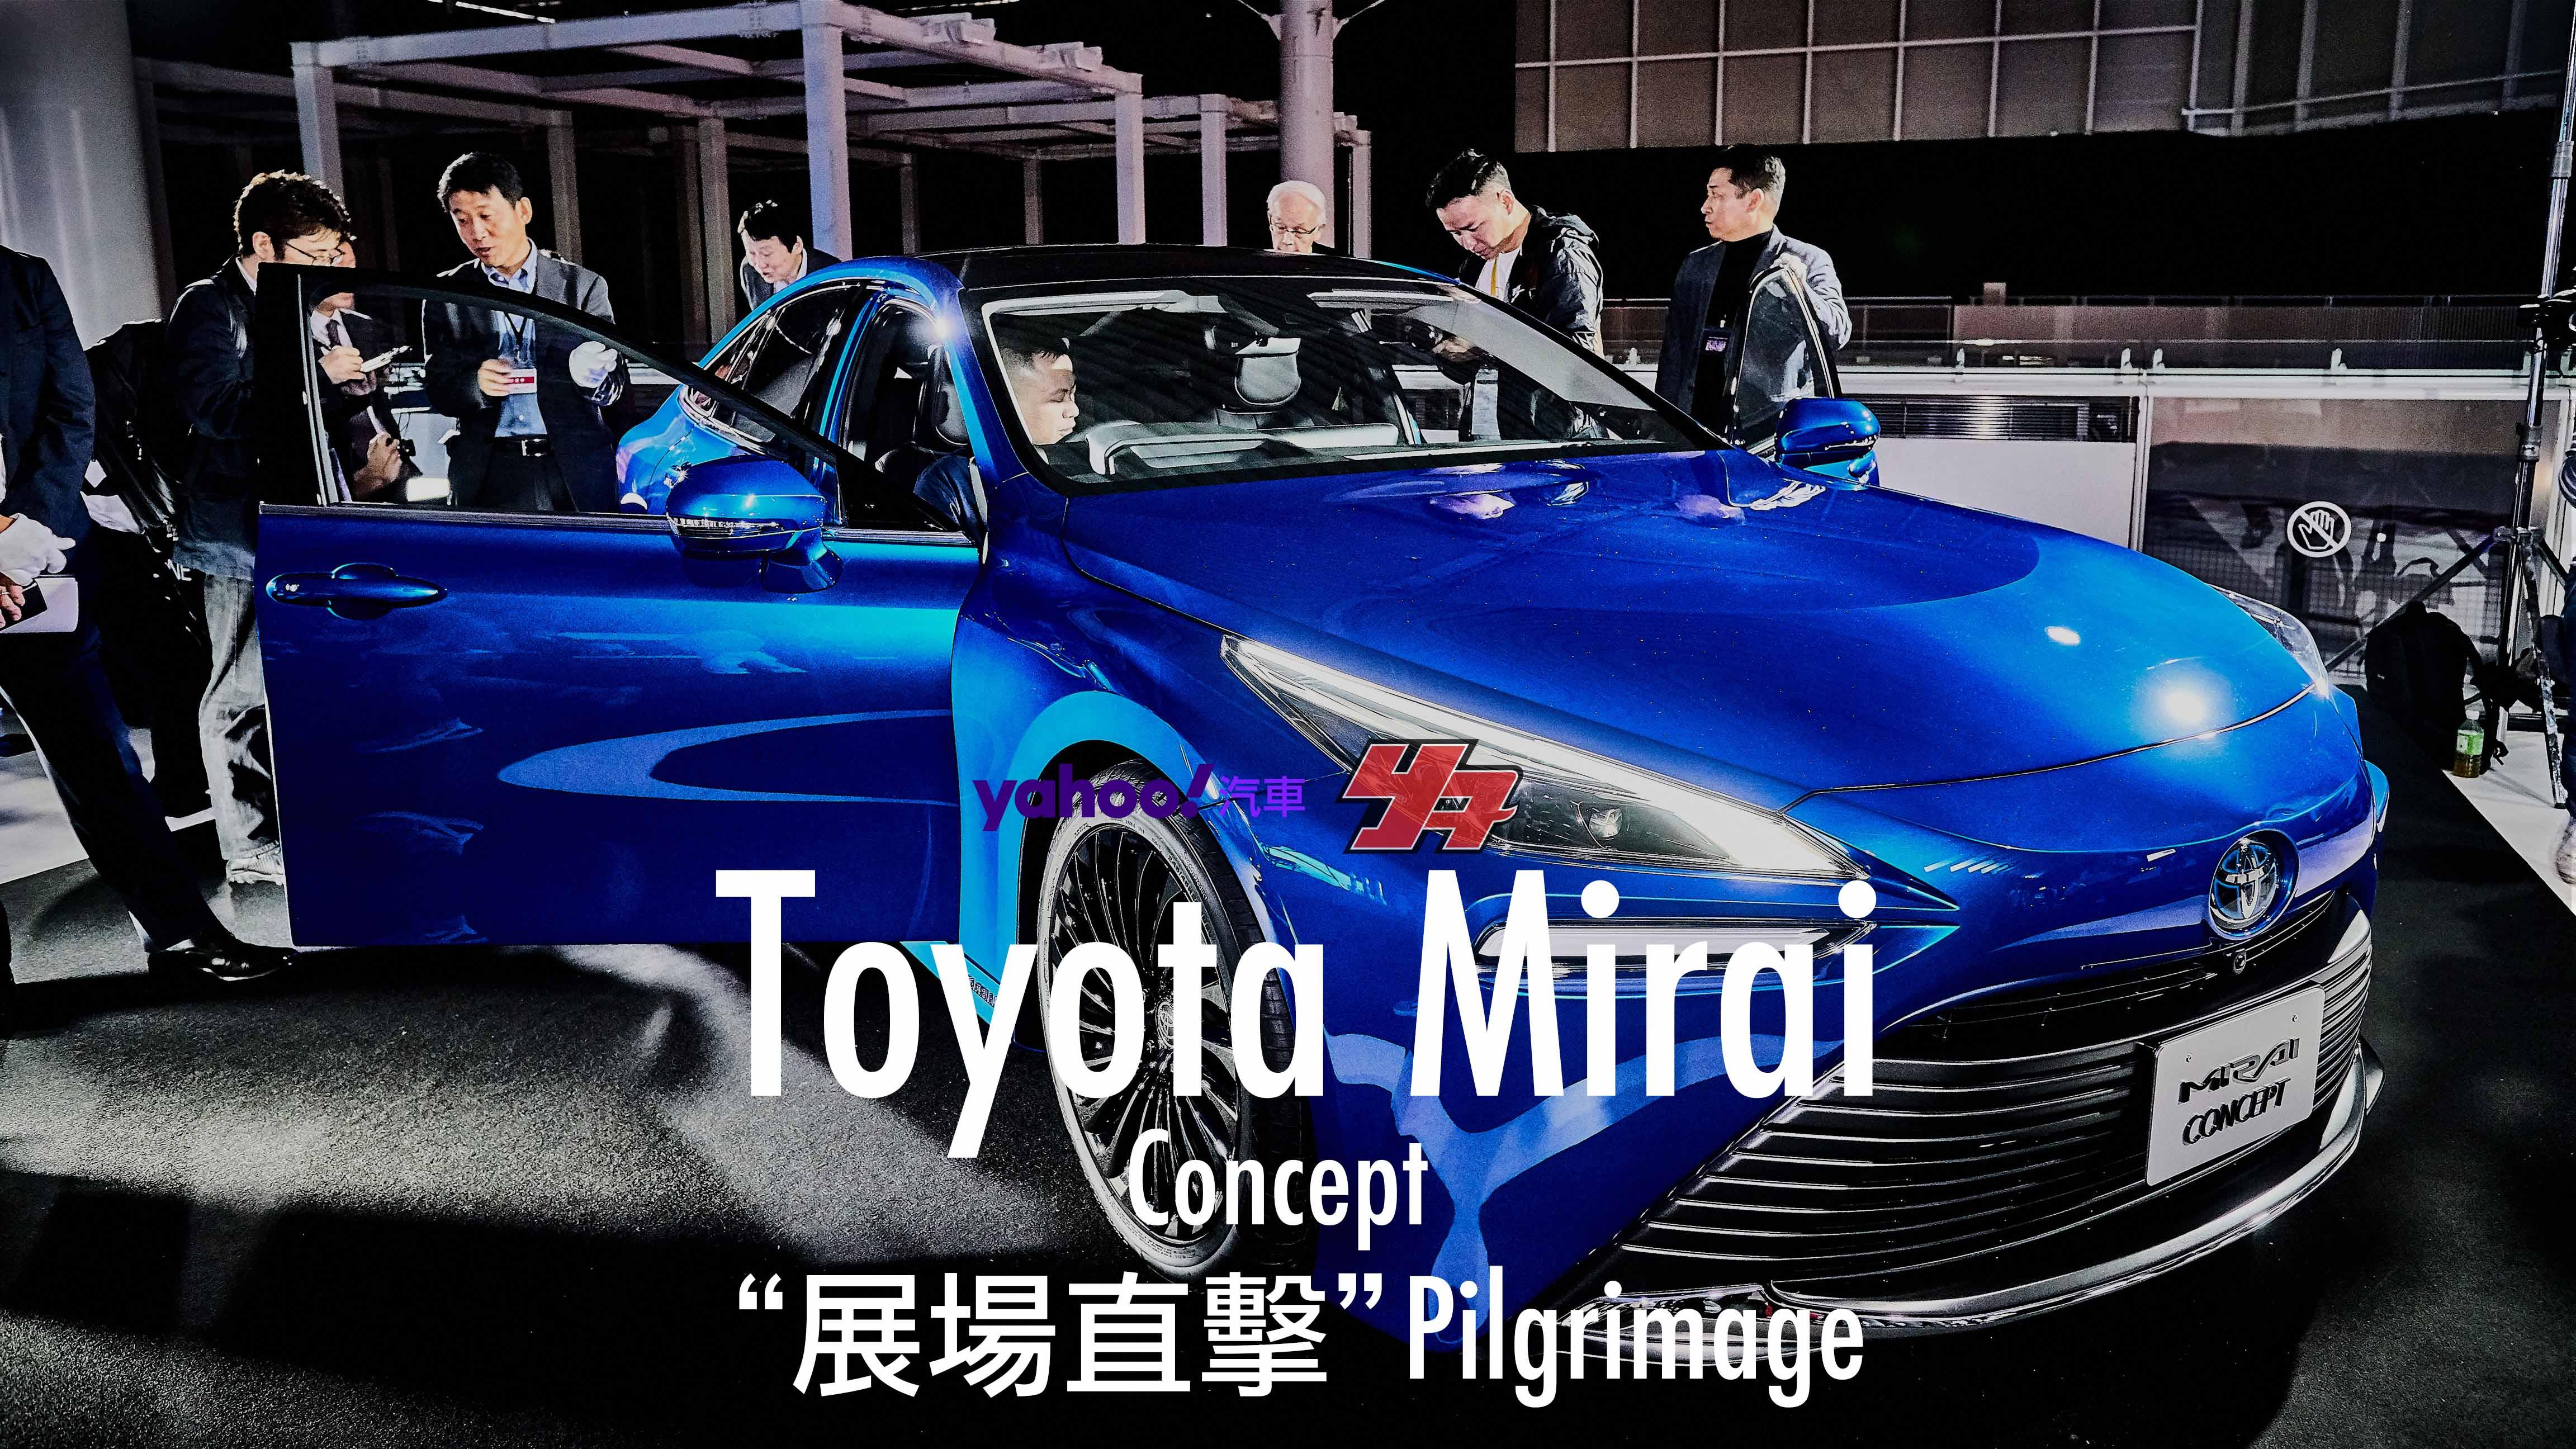 【東京車展直擊】再一次氫上戰線!Toyota Mirai Concept推出預告2代車型即將量產!